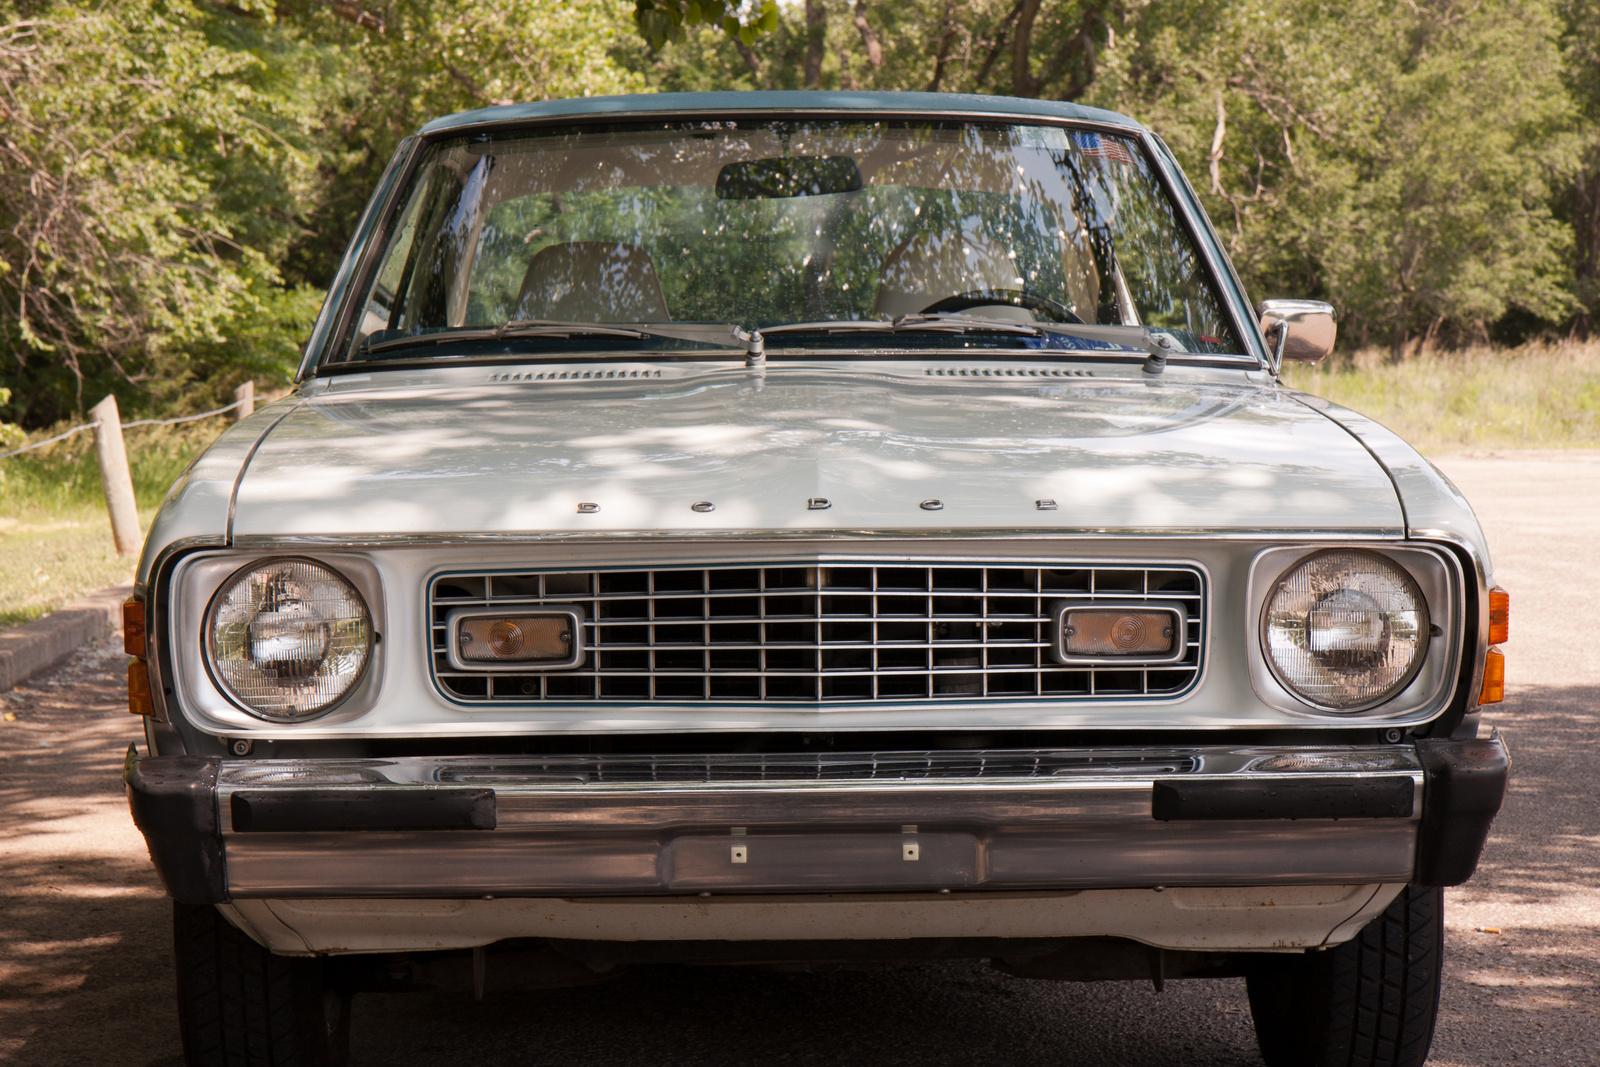 1976 Dodge Colt